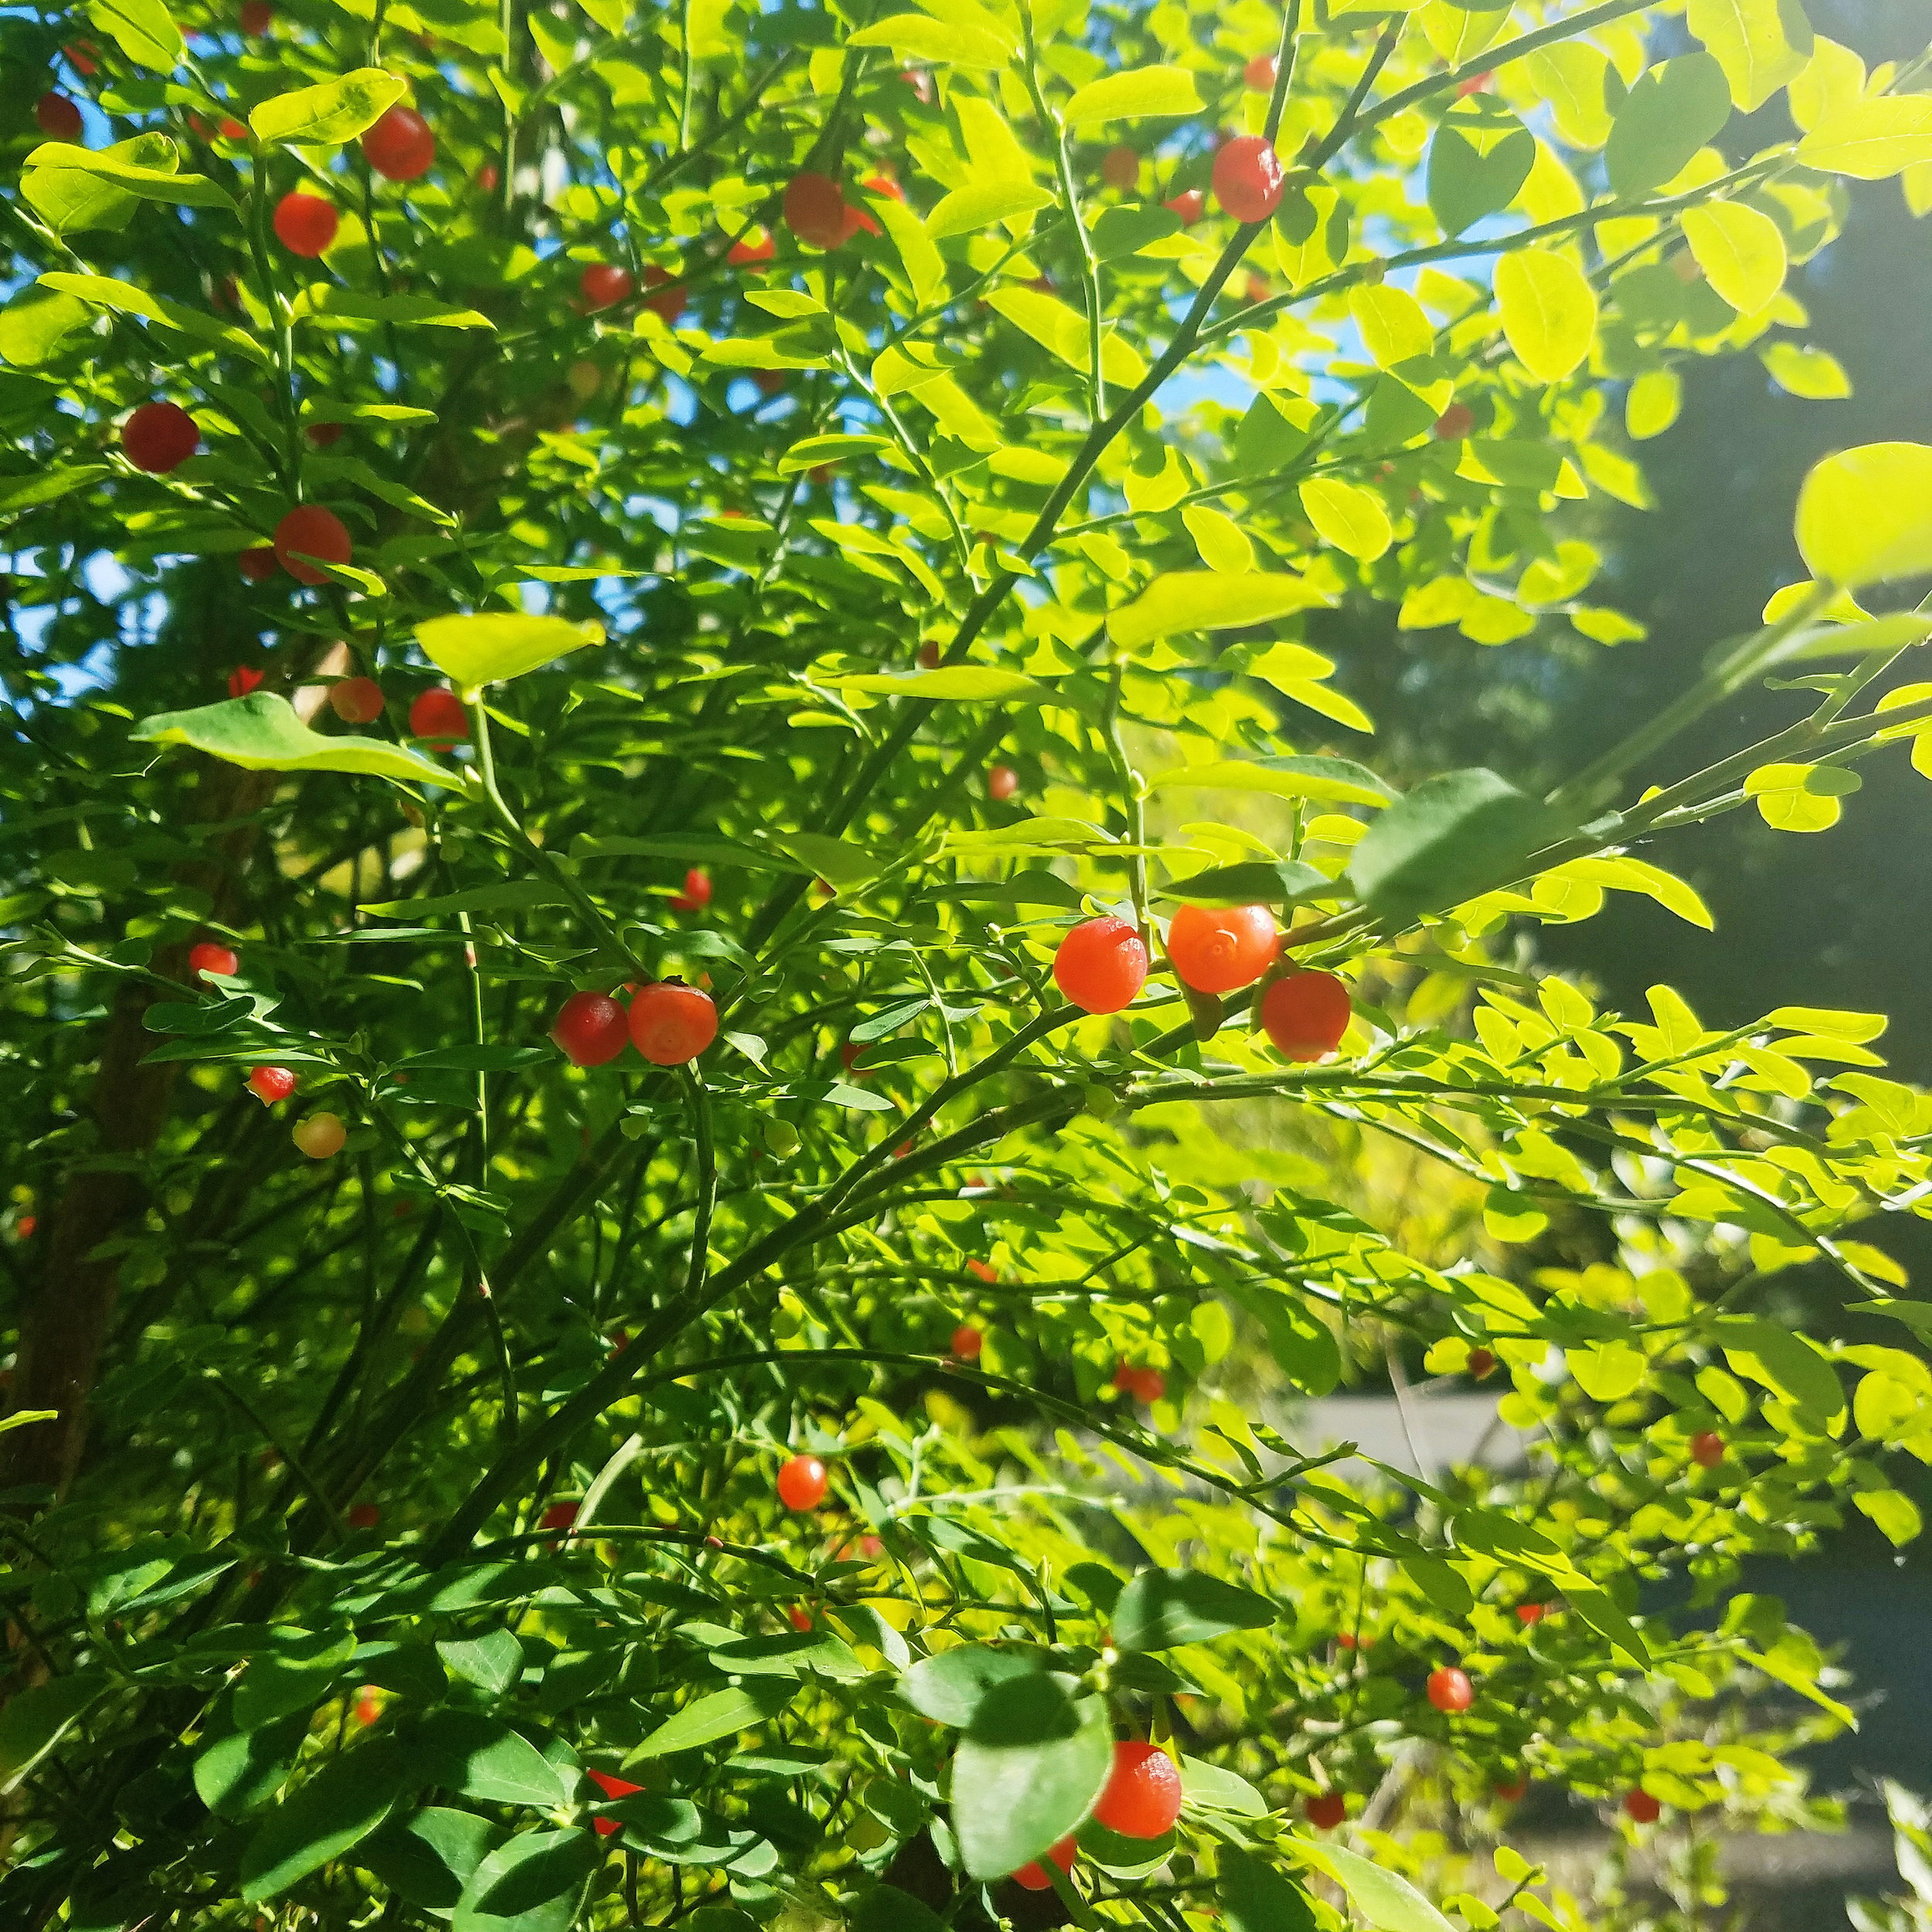 the huckleberries aren't quite ripe, but soon!